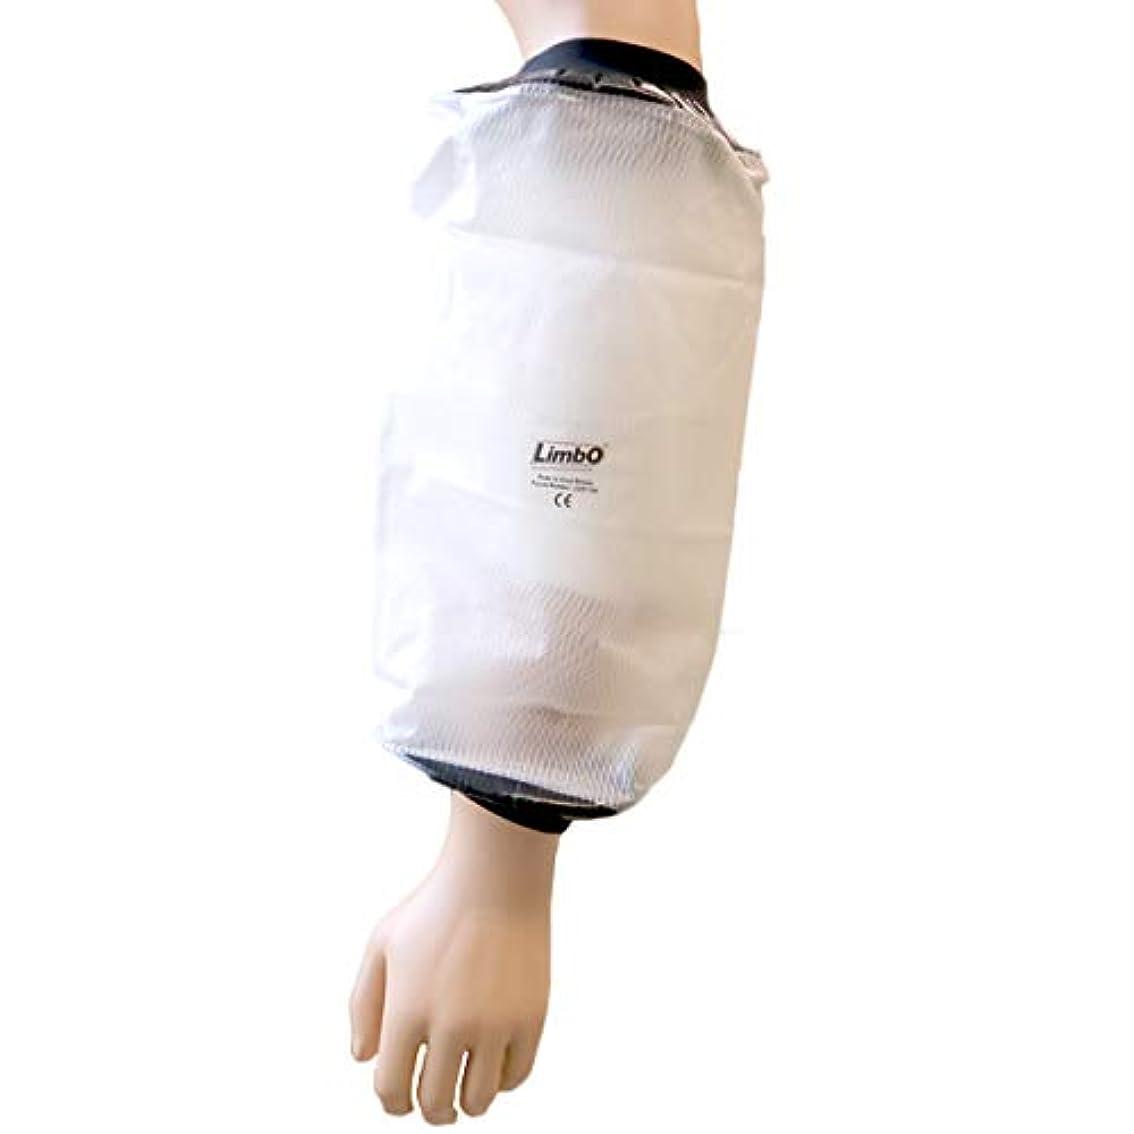 クライマックスグローバル慣らすリンボ 入浴用防水プロテクター 部位:大人用ひじ(2シール) 型名:M65